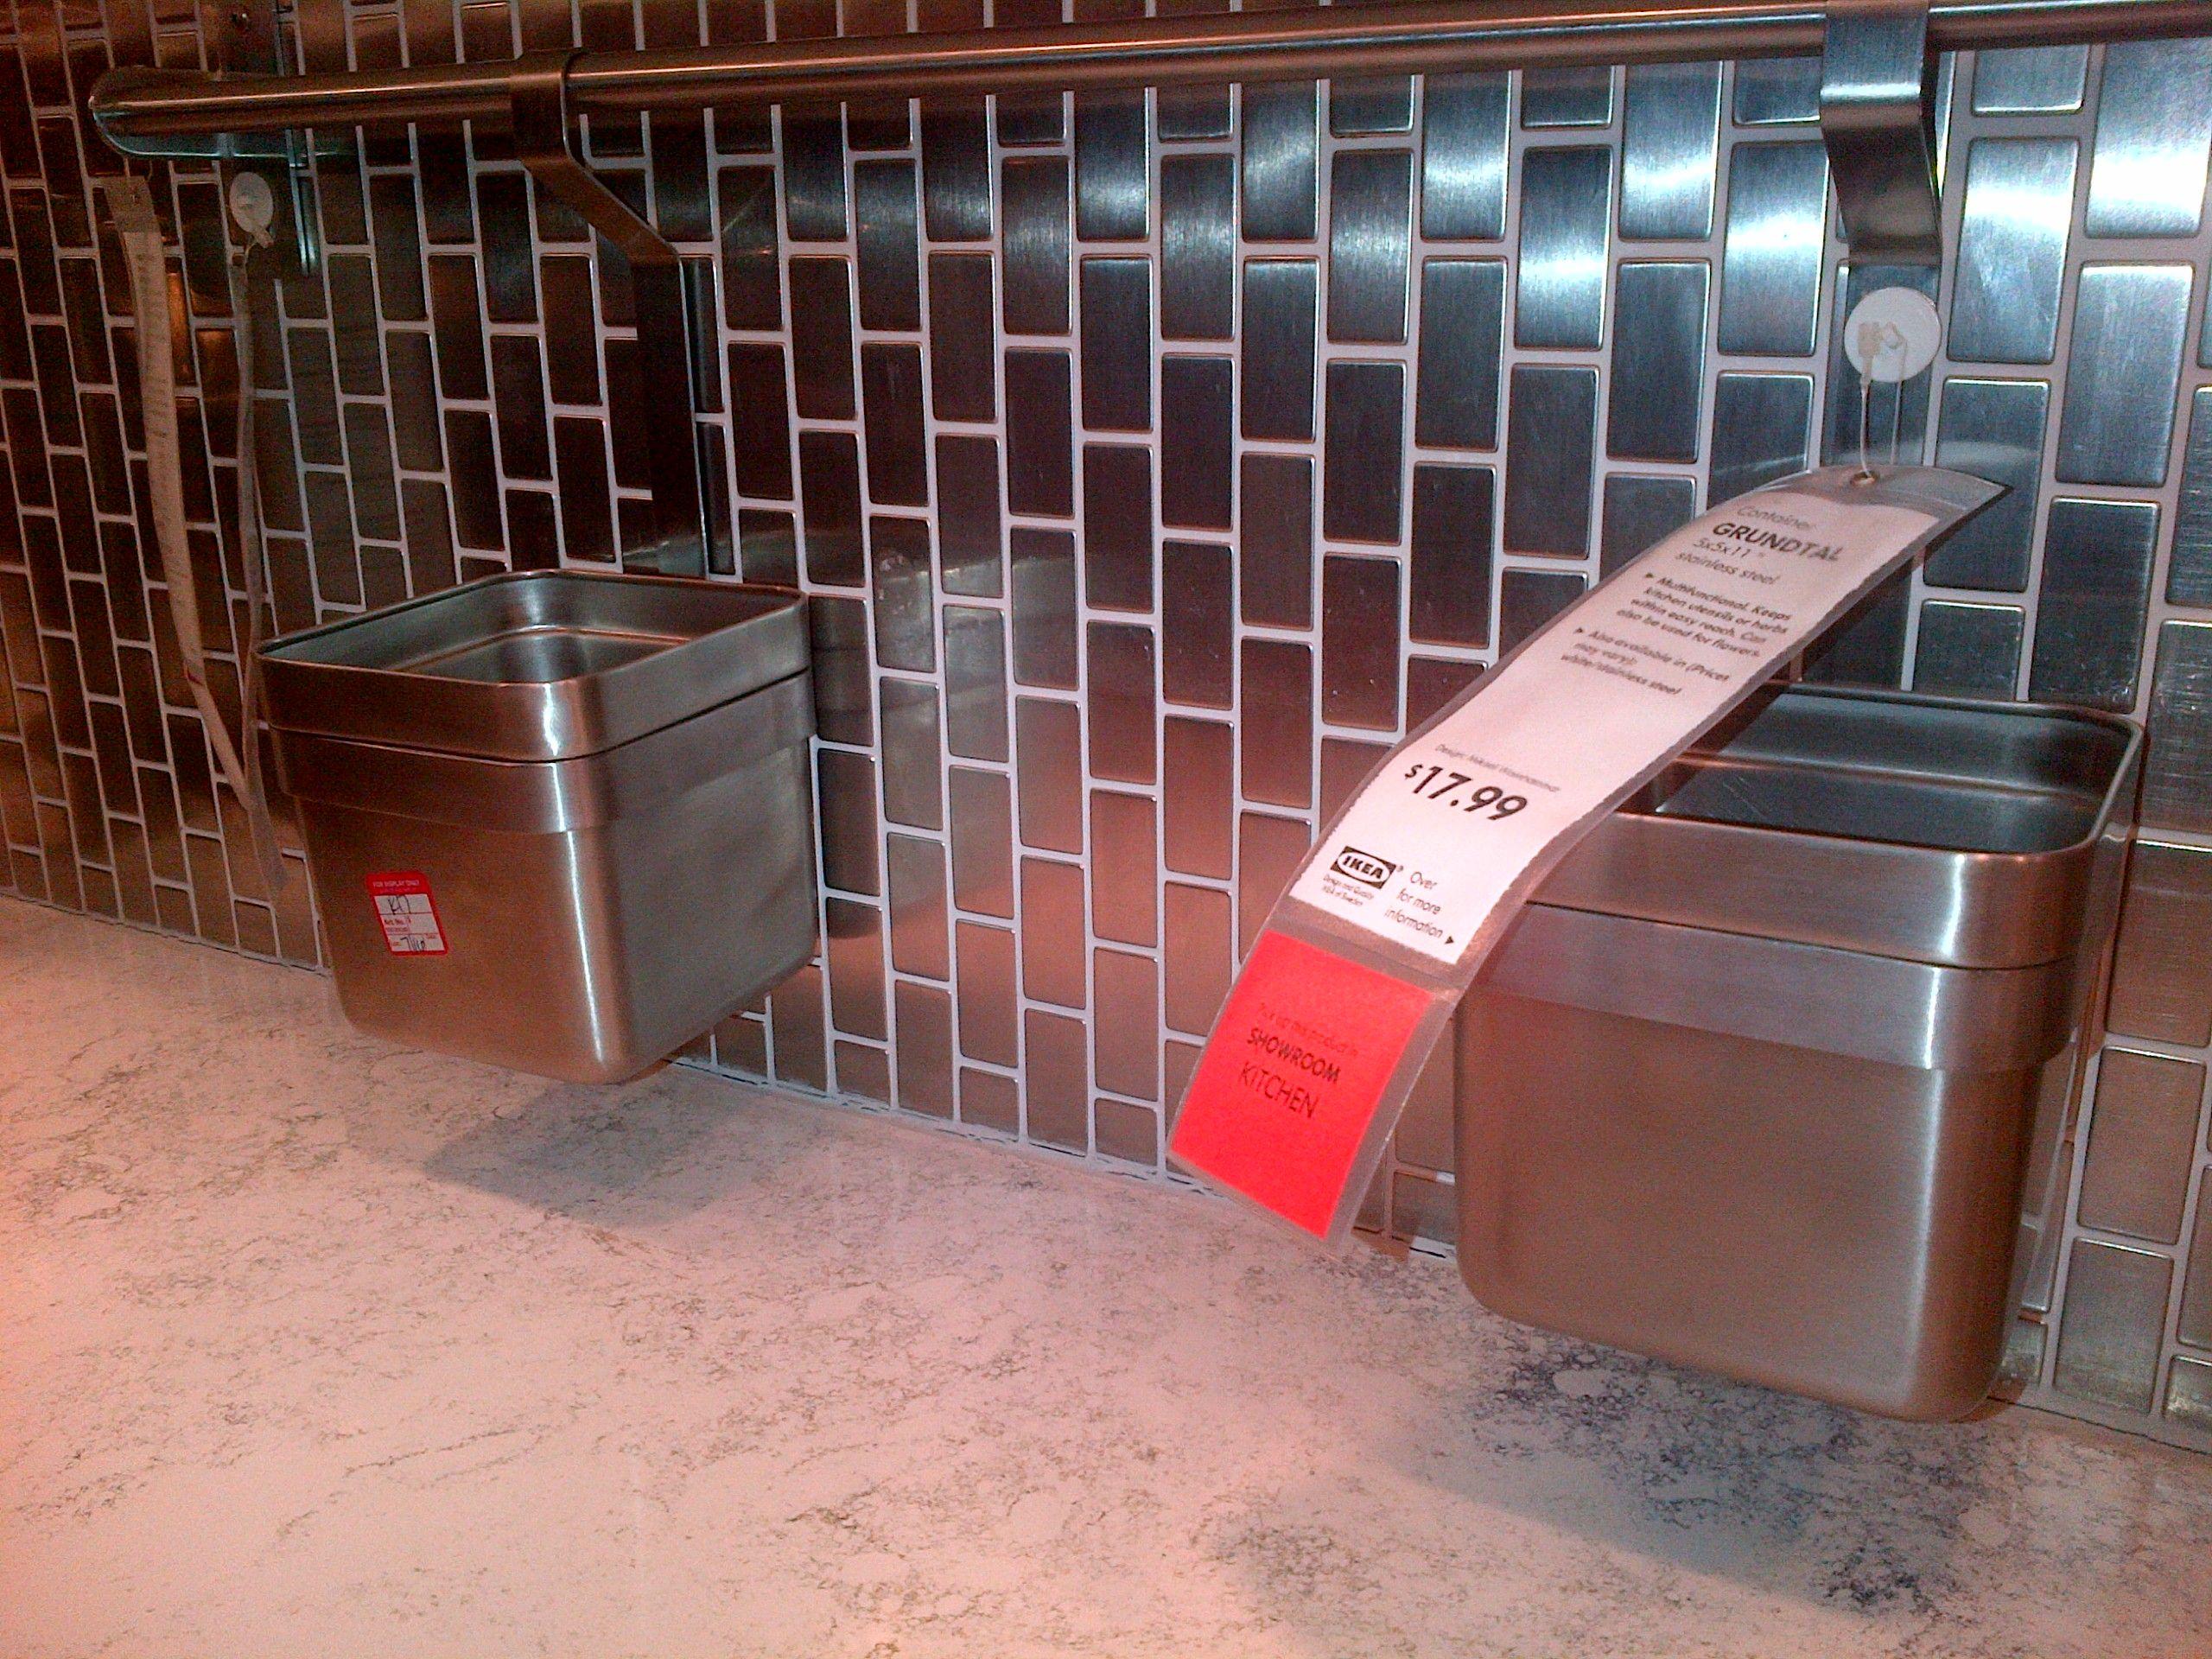 Ikea Stainless Steel Backsplash